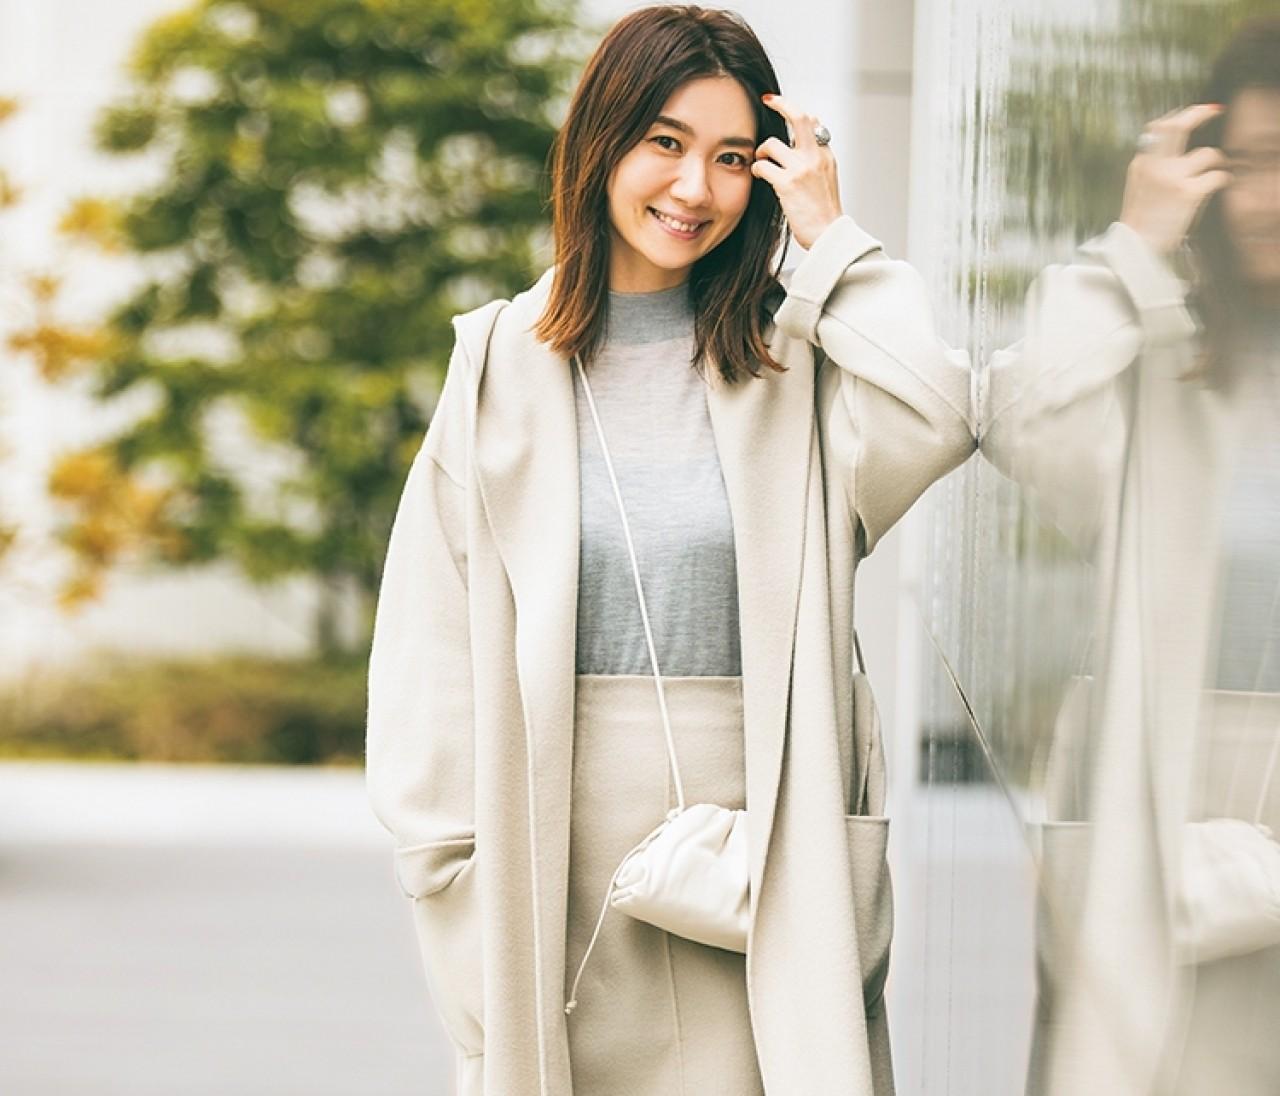 【30代のコート選び】アイボリー、ベージュの着流しコートで女っぽく!おしゃれプロの最新コーデがお手本